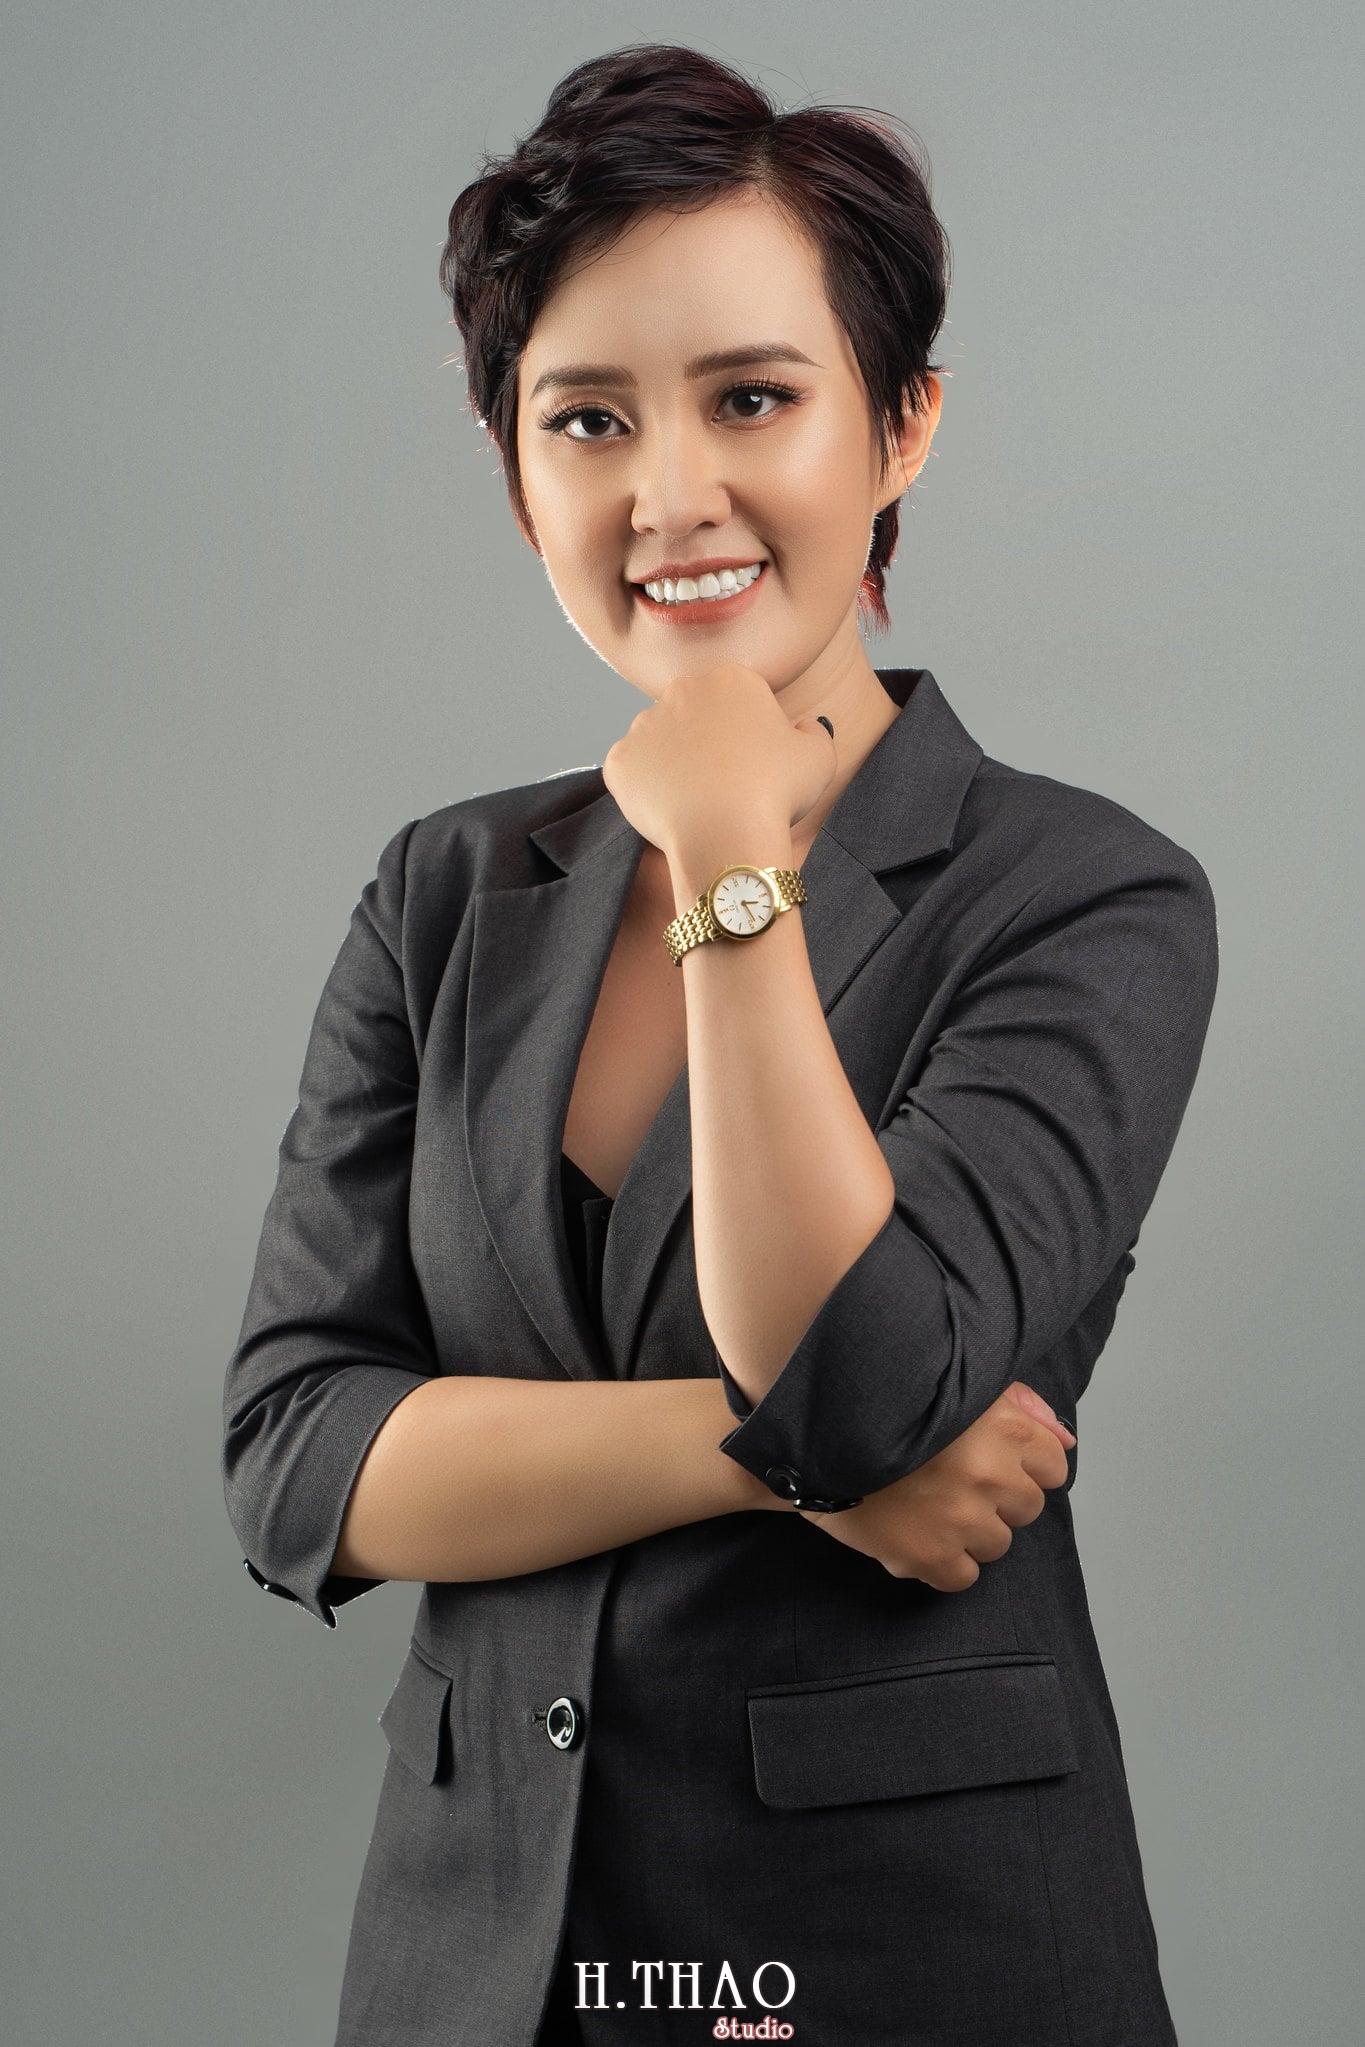 Chi Kim Chi 5 min - Studio chụp ảnh profile cá nhân chuyên nghiệp ở Tp.HCM- HThao Studio